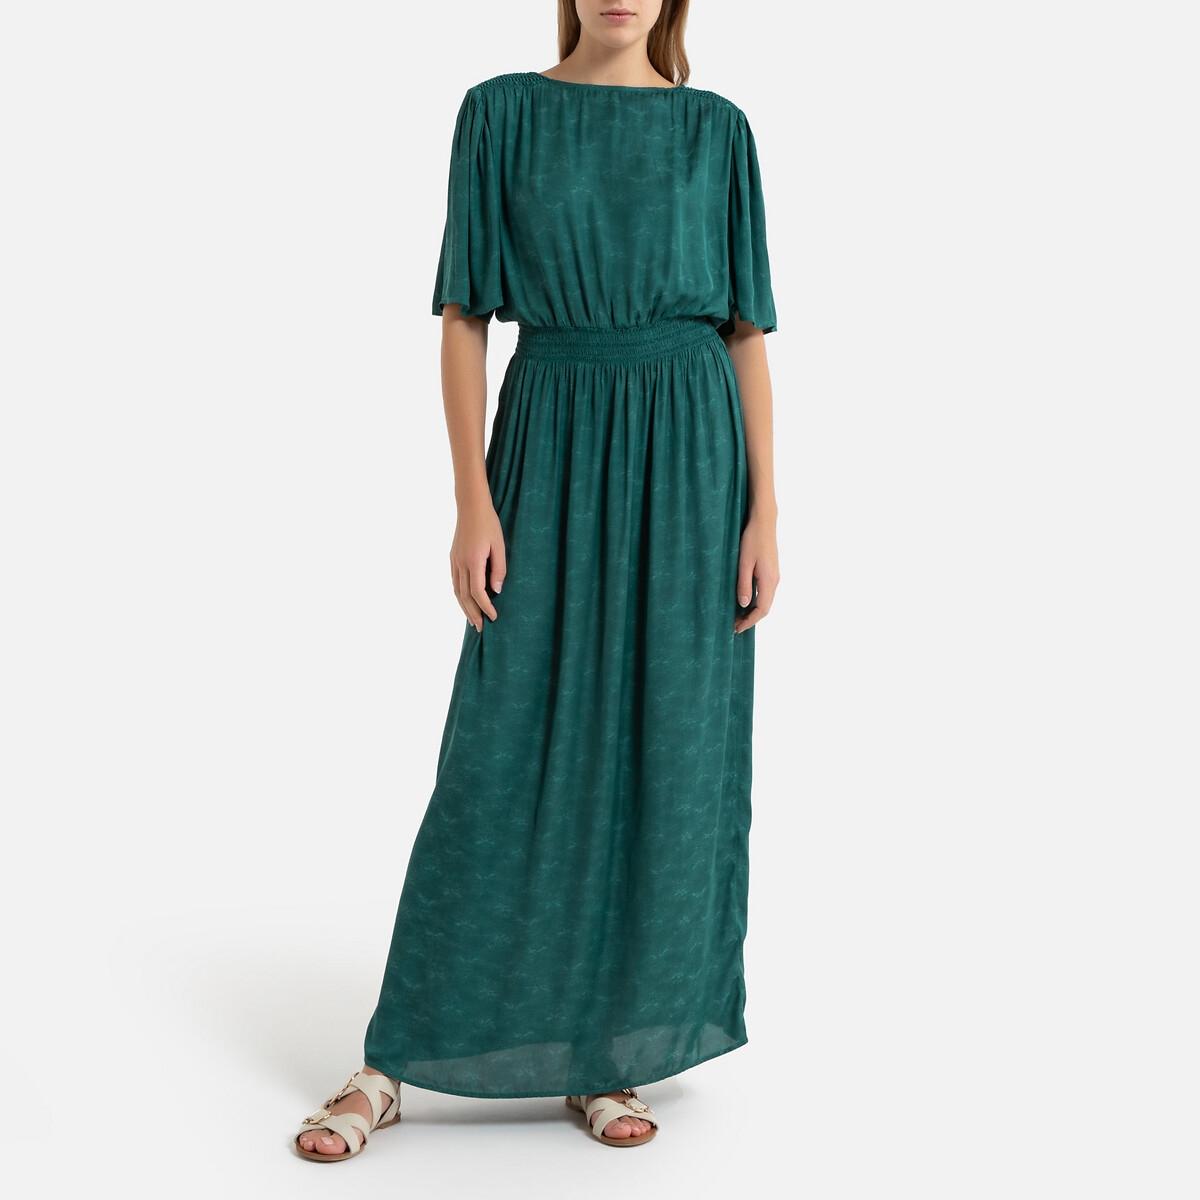 Платье La Redoute Длинное струящееся с короткими рукавами ELORIA M зеленый бюстгальтер eloria valerie reg imb цвет коричневый 50003 размер m 75b